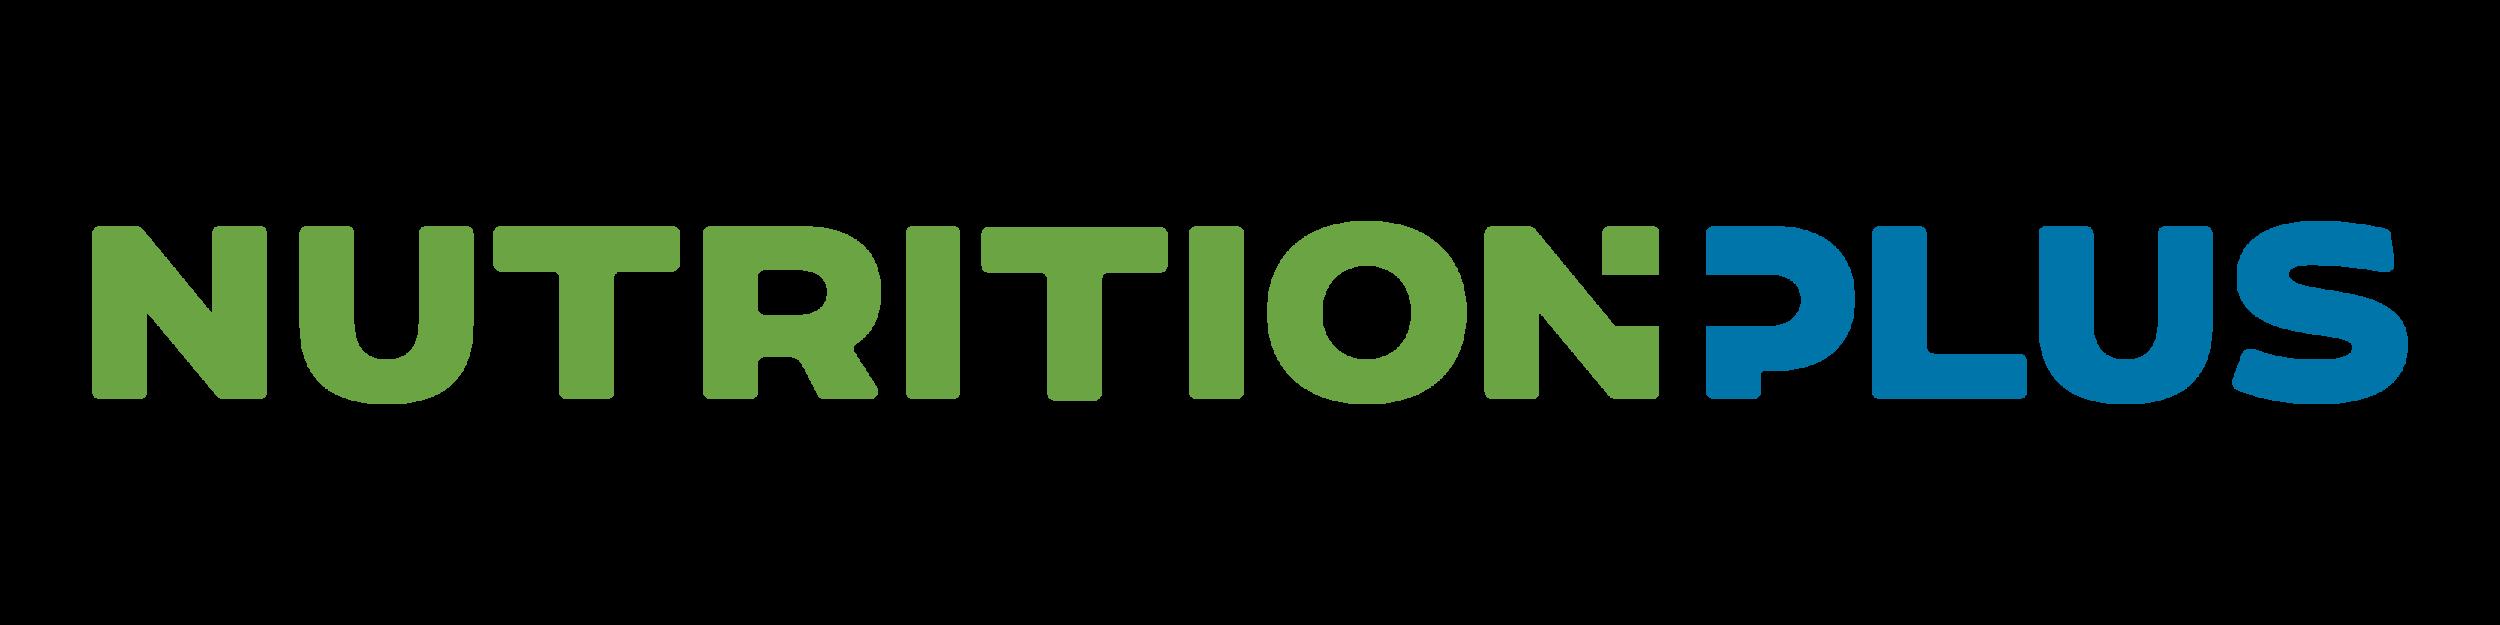 6 - Nutrition Plus.png